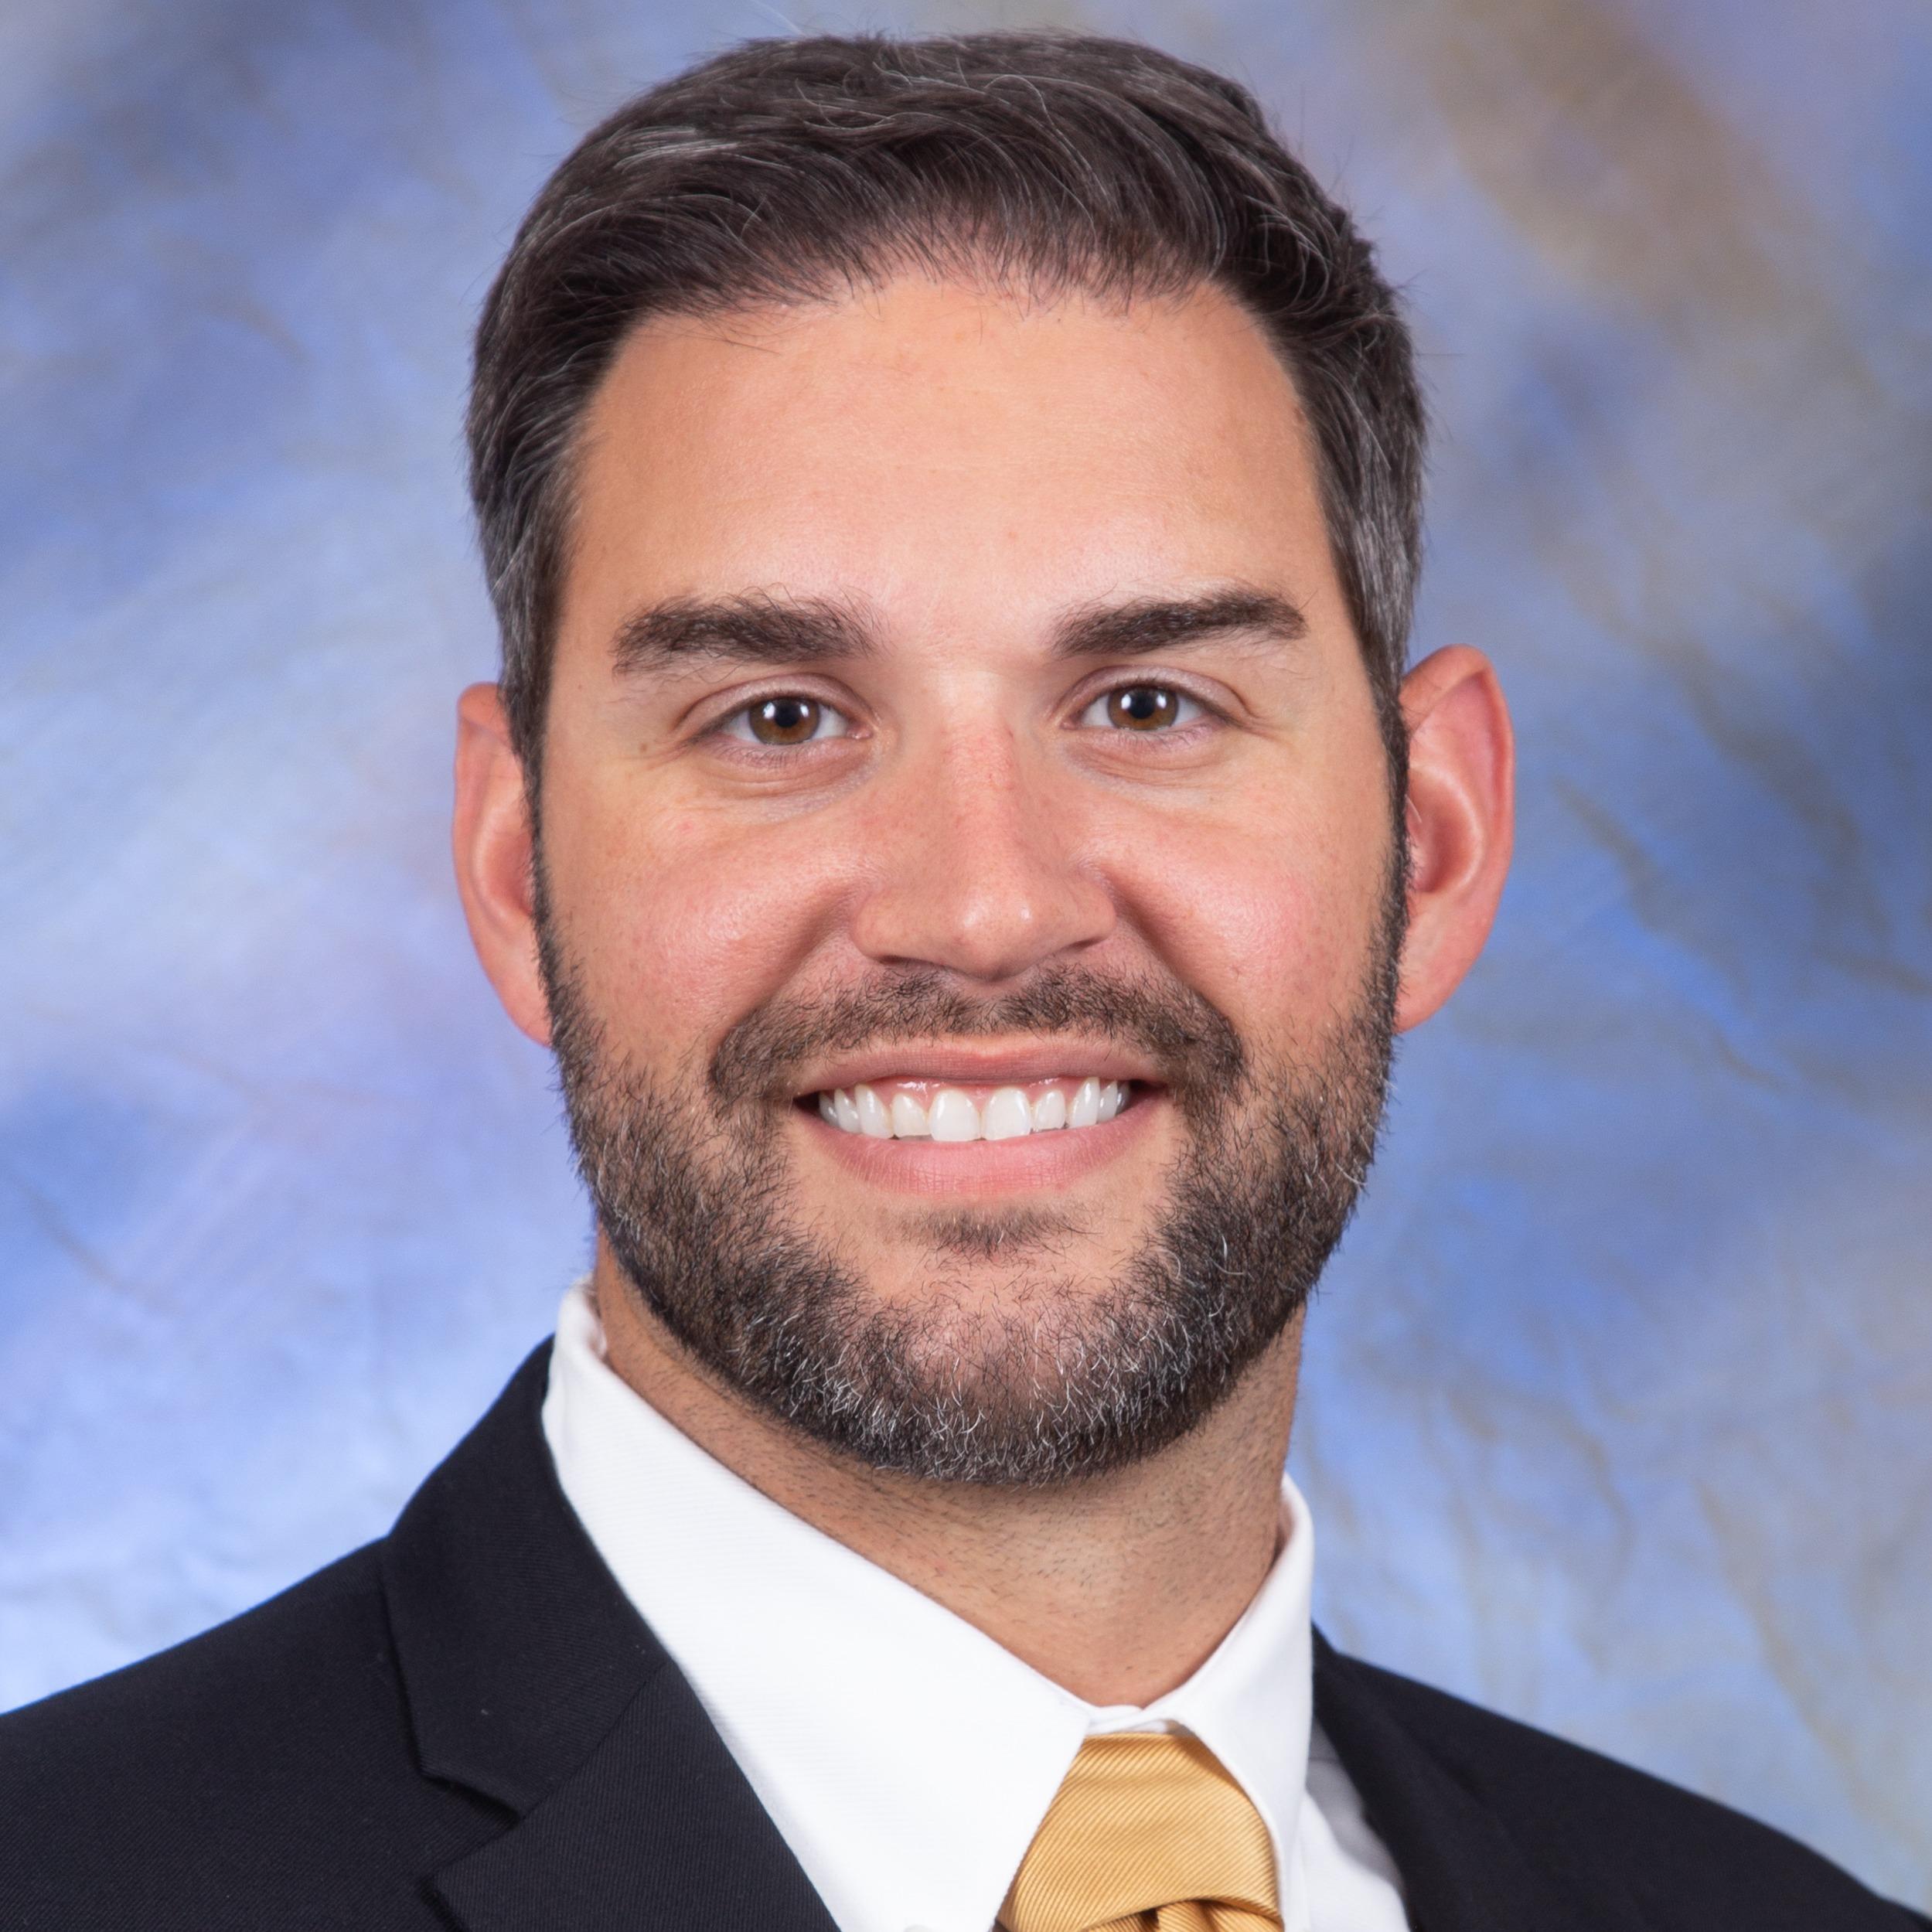 Dr. Ryan P Lehmkuhler